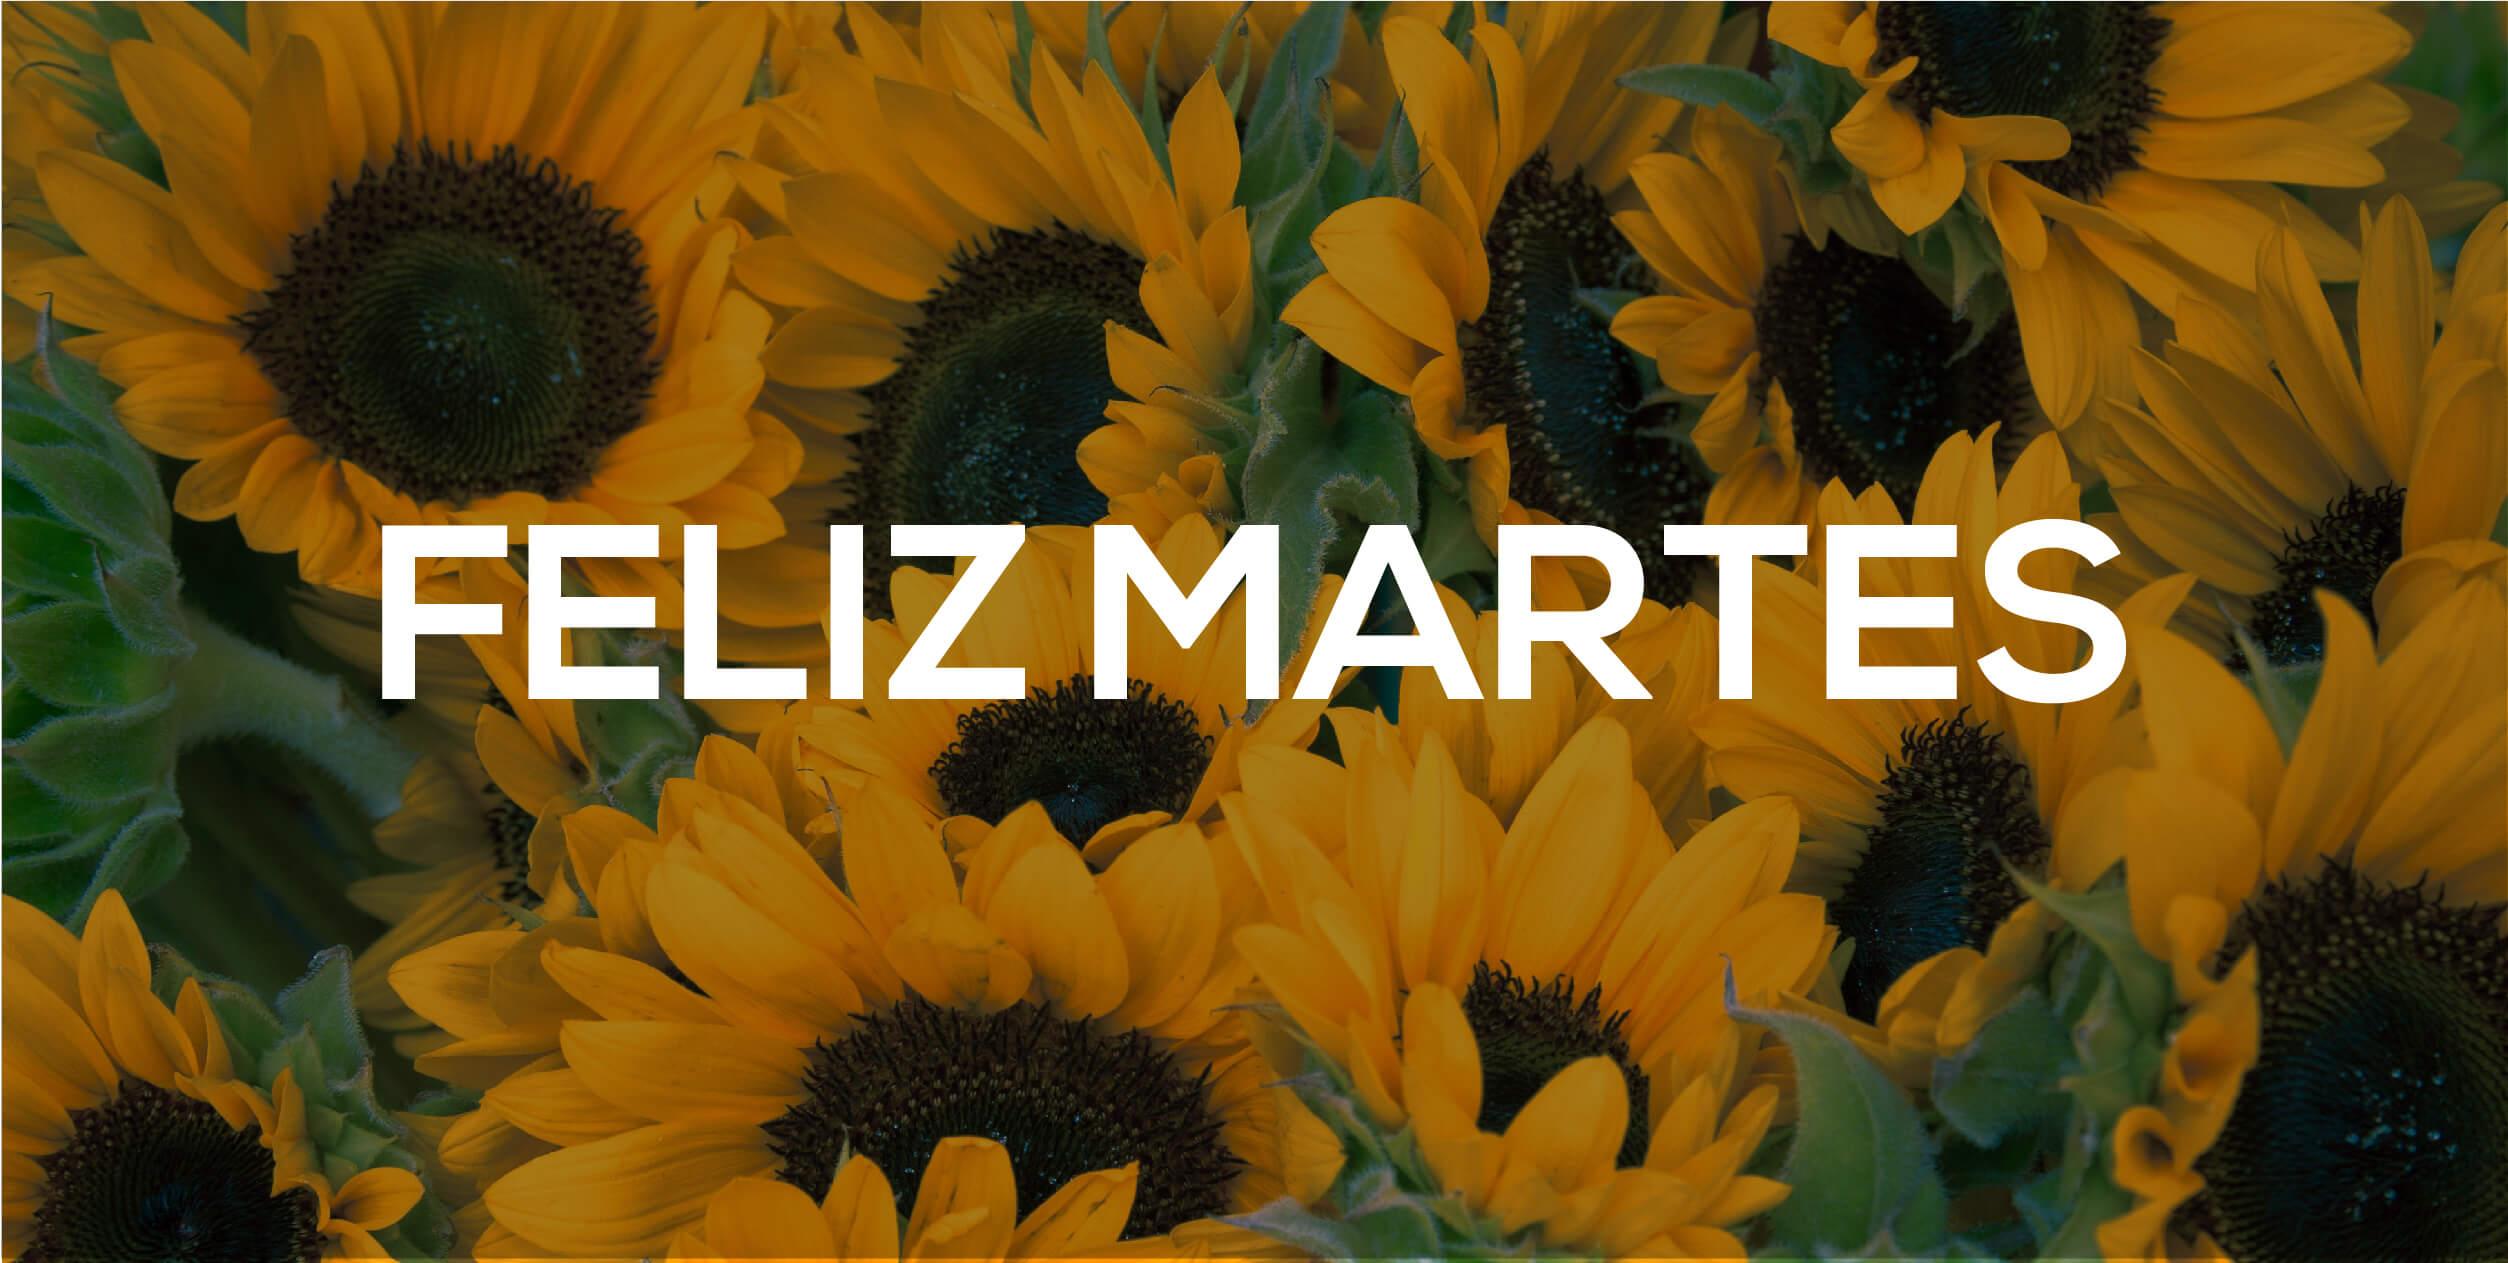 IMÁGENES DE FELIZ MARTES